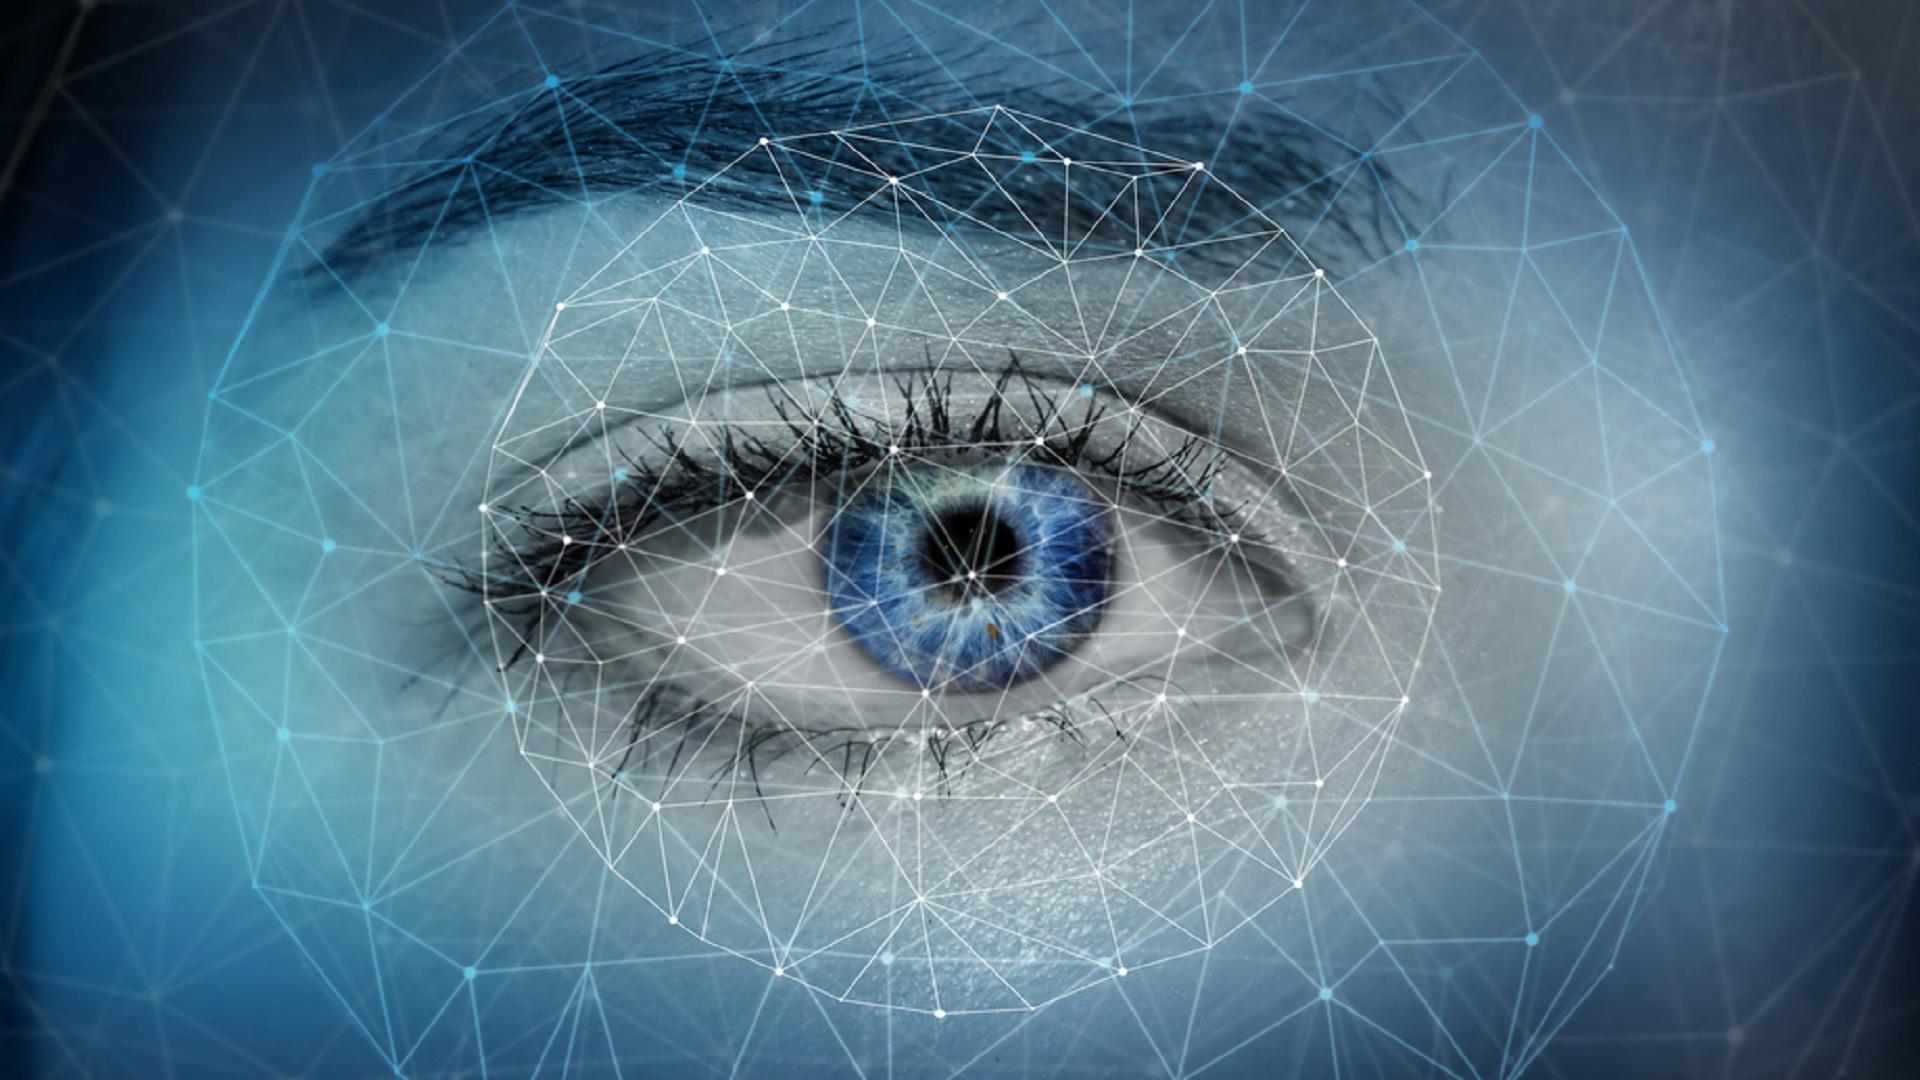 Αποκατάσταση της όρασης με γονιδιακή θεραπεία